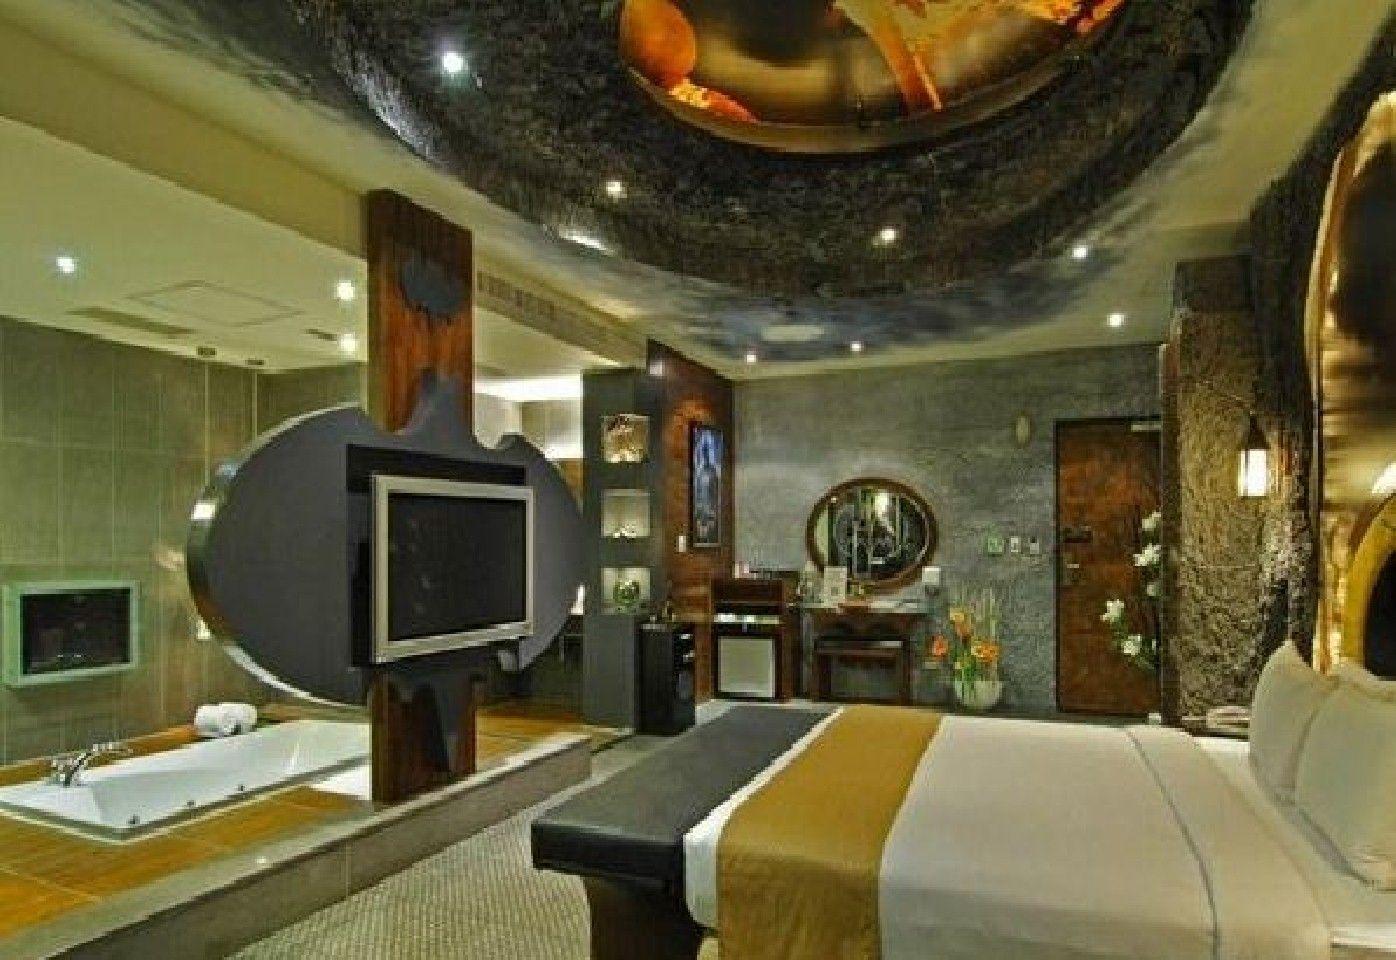 Amazing Bedrooms | Amazing Bedroom Design with Batman-Inspired ...